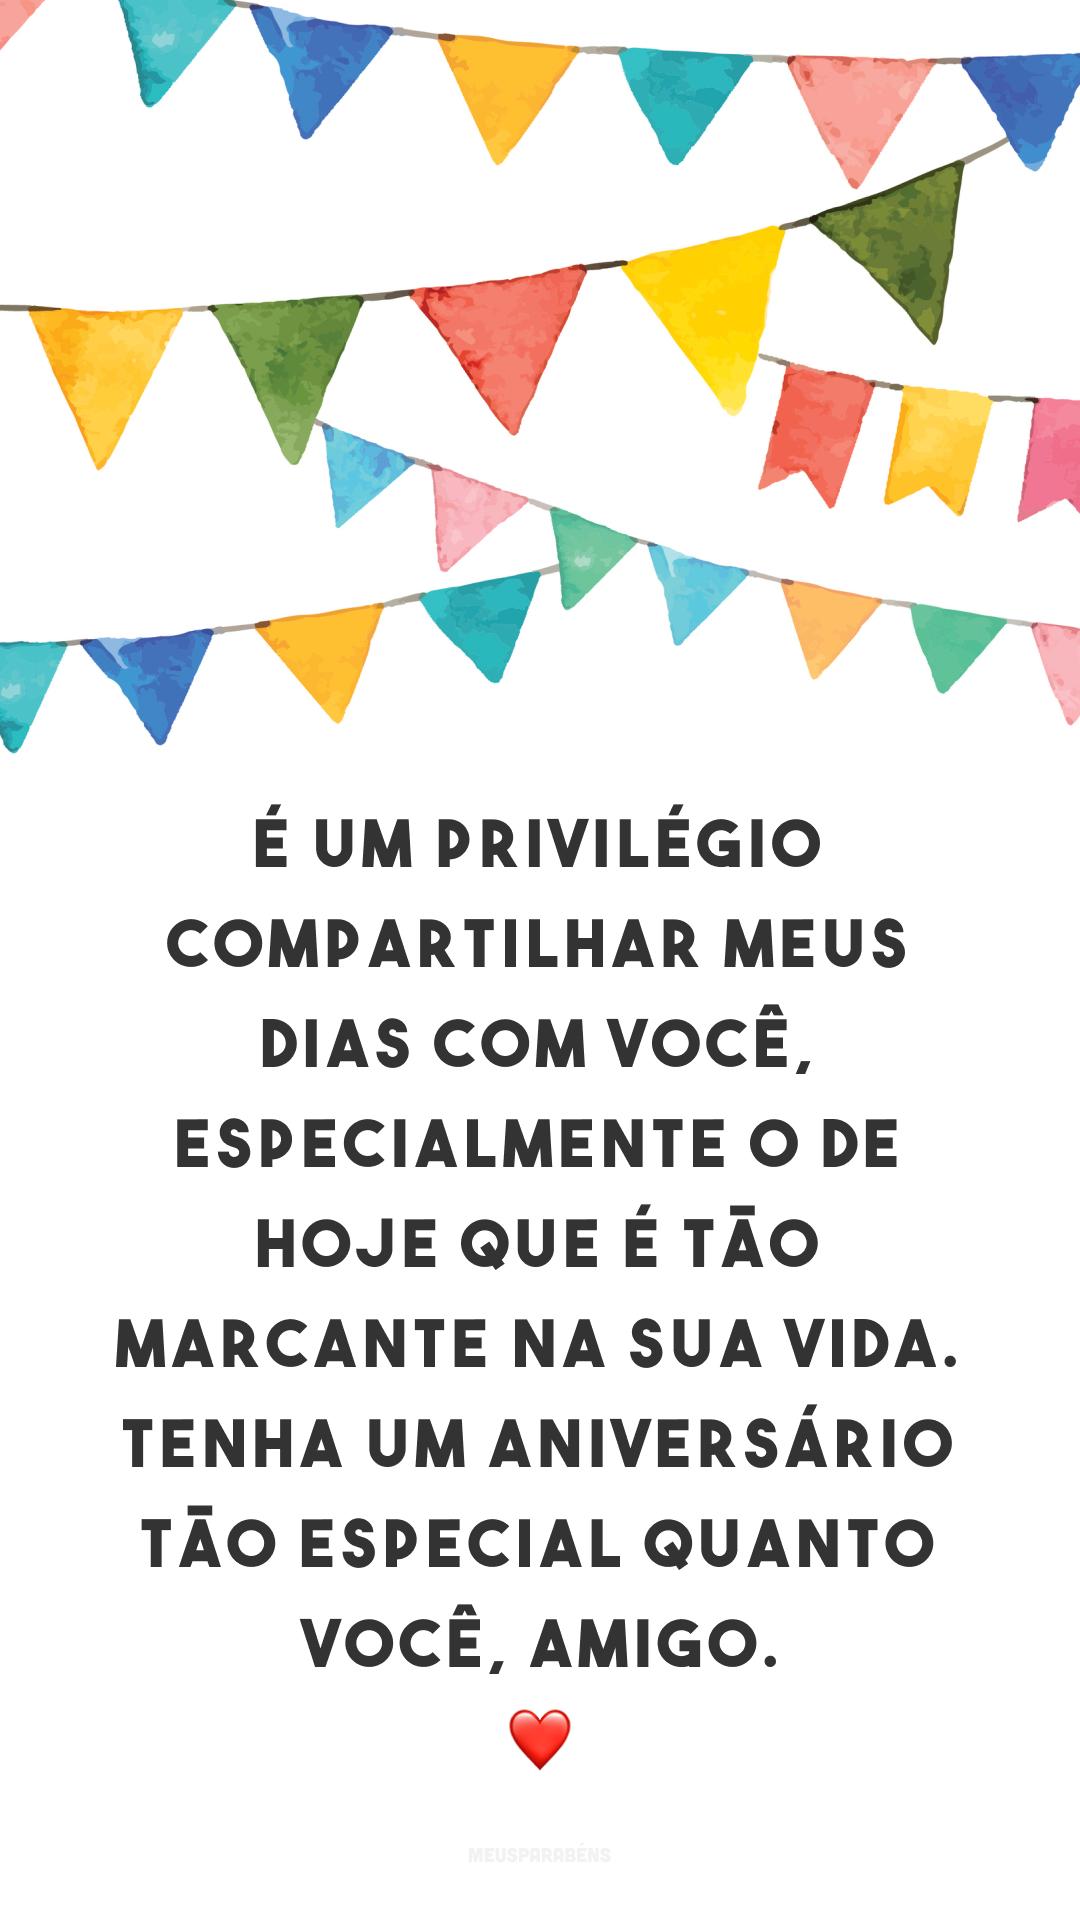 É um privilégio compartilhar meus dias com você, especialmente o de hoje que é tão marcante na sua vida. Tenha um aniversário tão especial quanto você, amigo. ❤